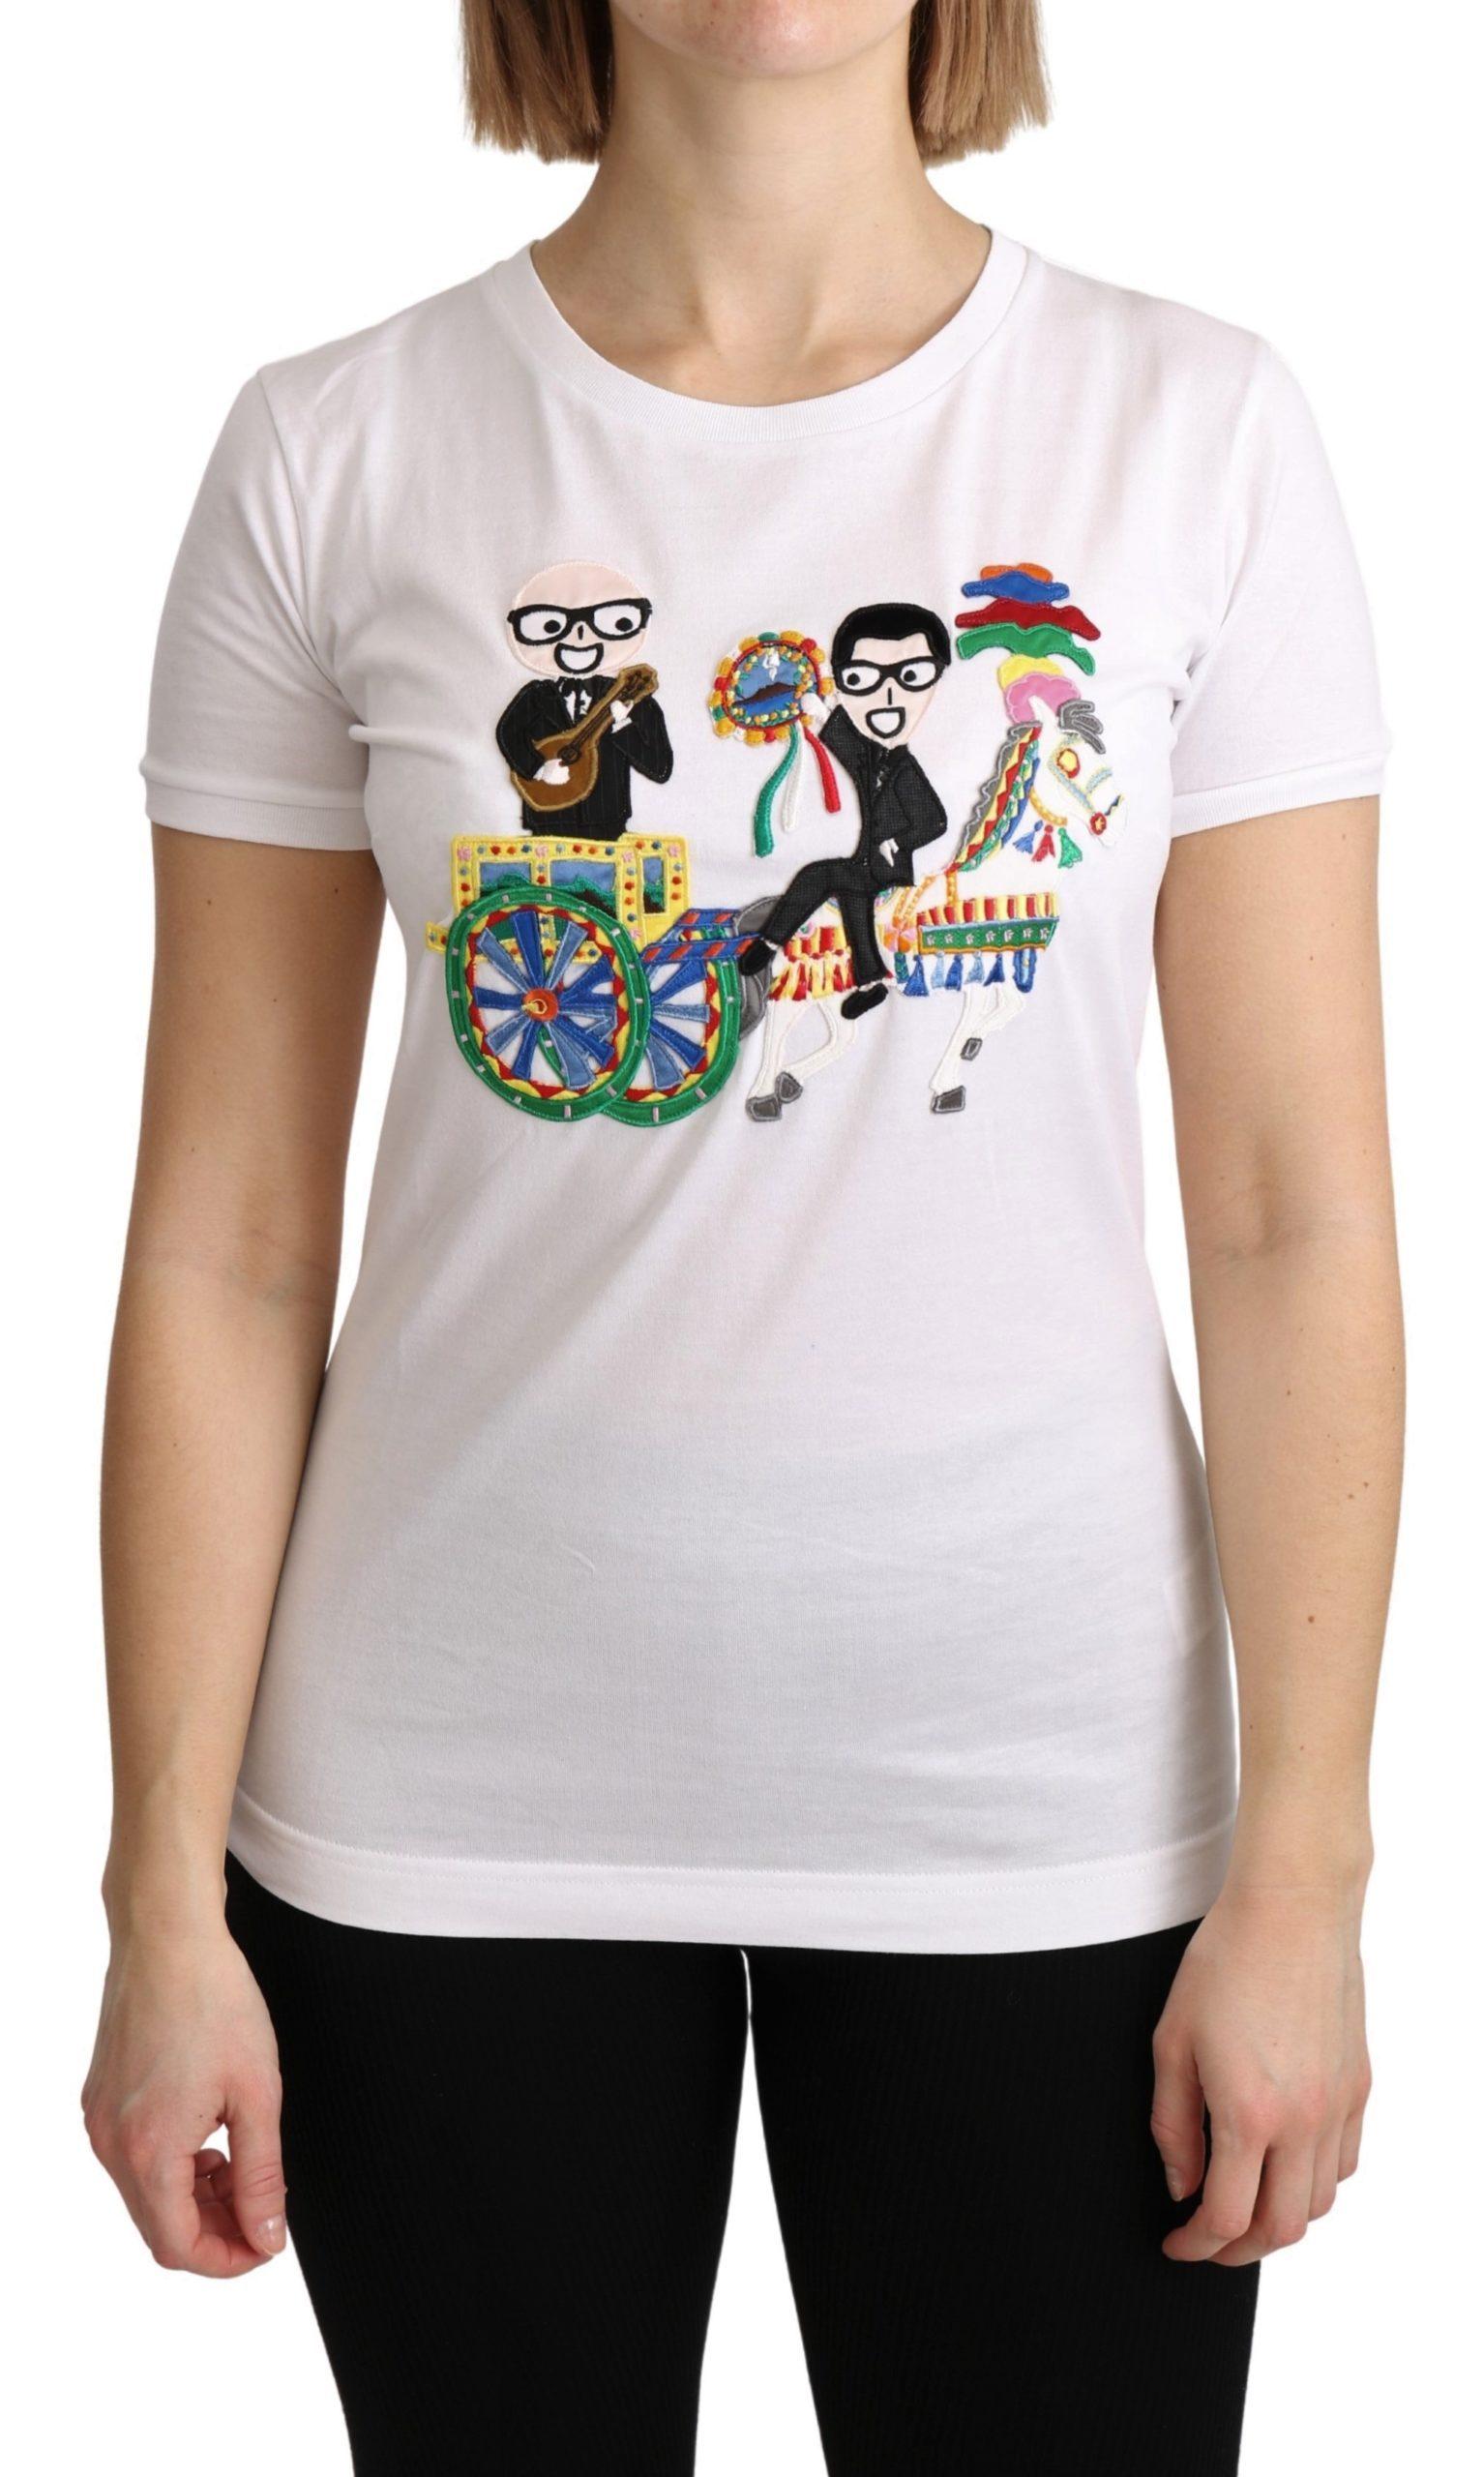 Dolce & Gabbana Women's Logo T-Shirt White TSH4894 - IT38|XS